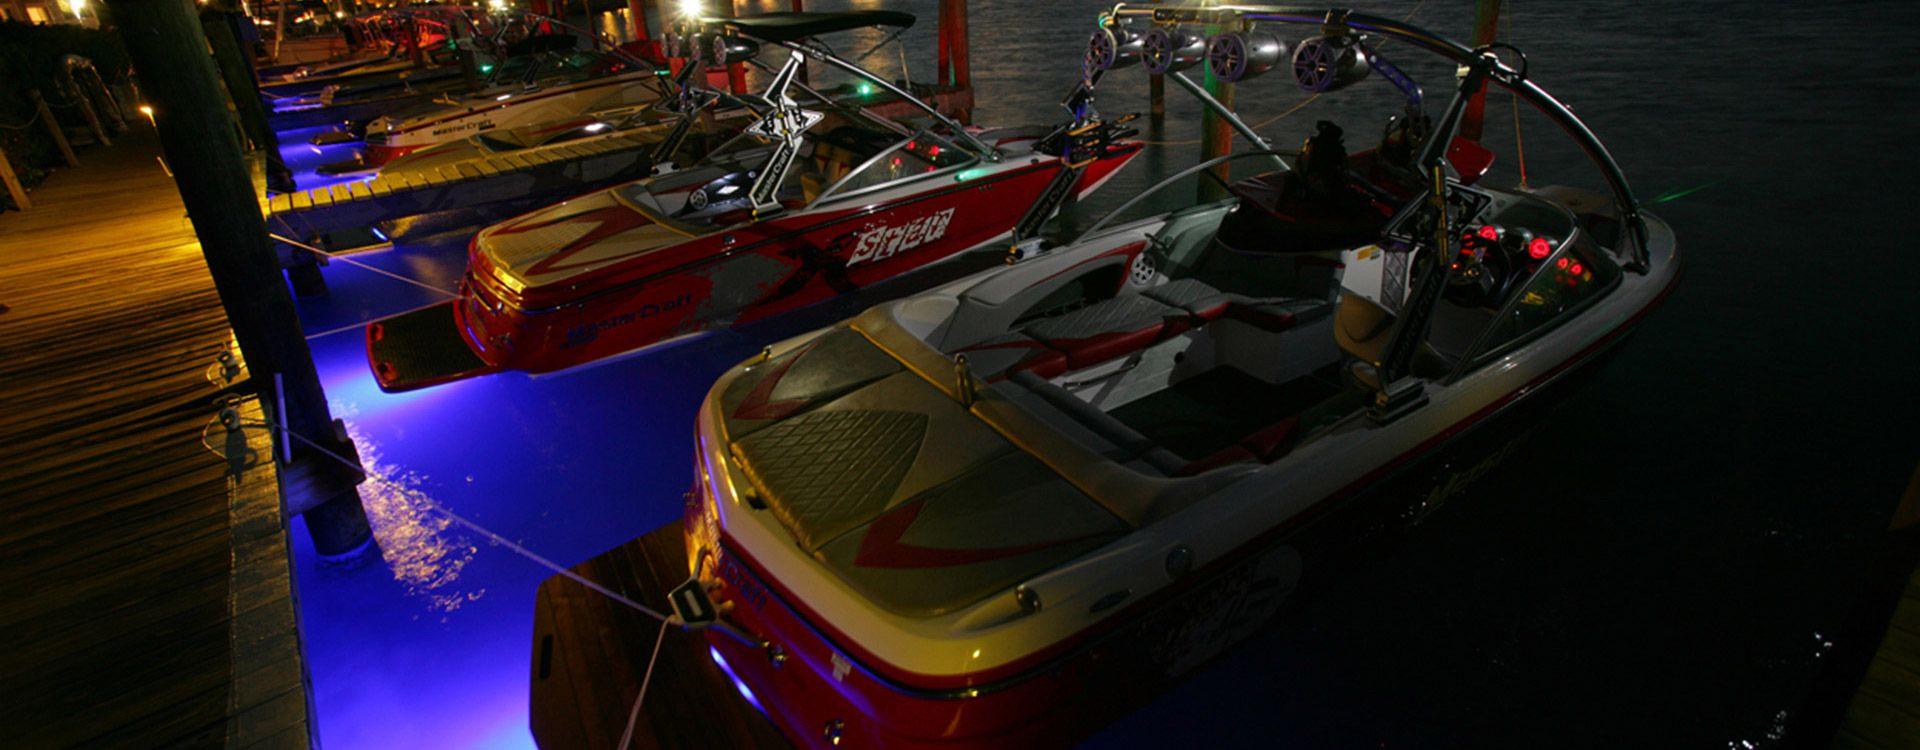 Exterior Led Boat Lights